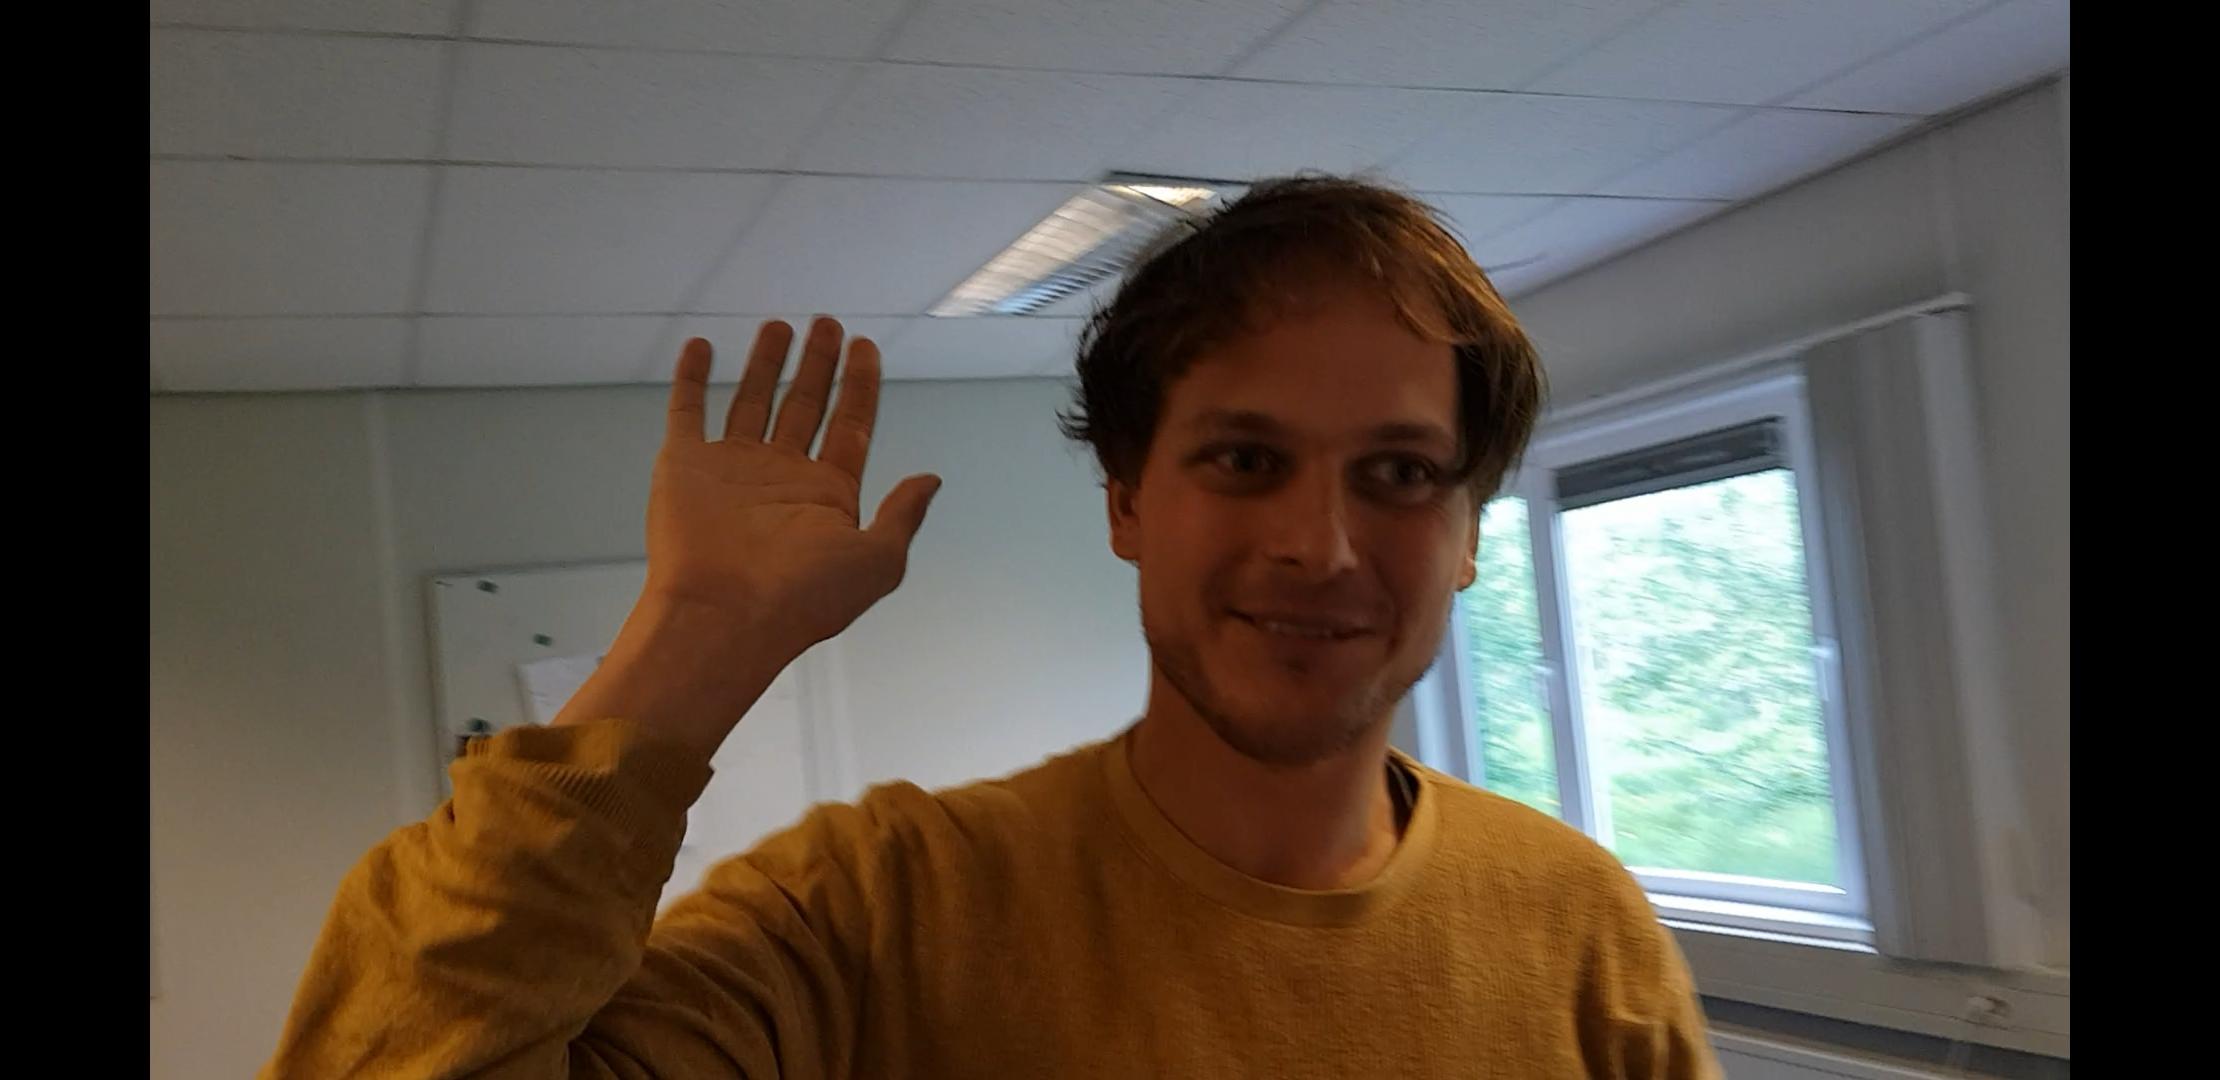 Gerard geeft Chandar een high five na het versturen van de ondertekende erfpachtaanbieding